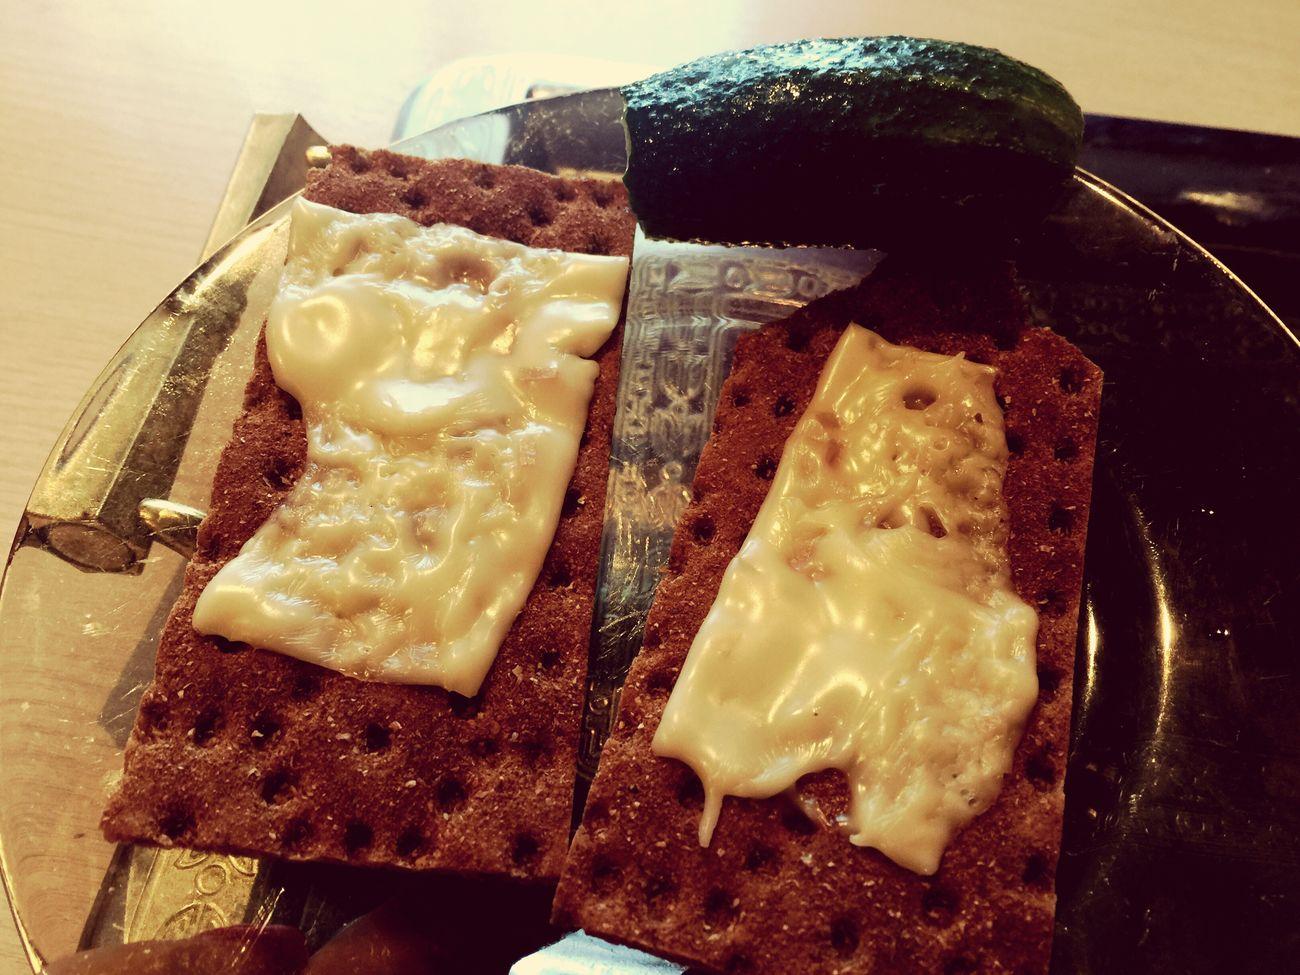 12.20-обедозавтрак- ржаные хлебцы с чесноком(2шт-90кк), сыр плавленный хохленд(1 пласт-52кк) и огурчик 😋😋😋 пп